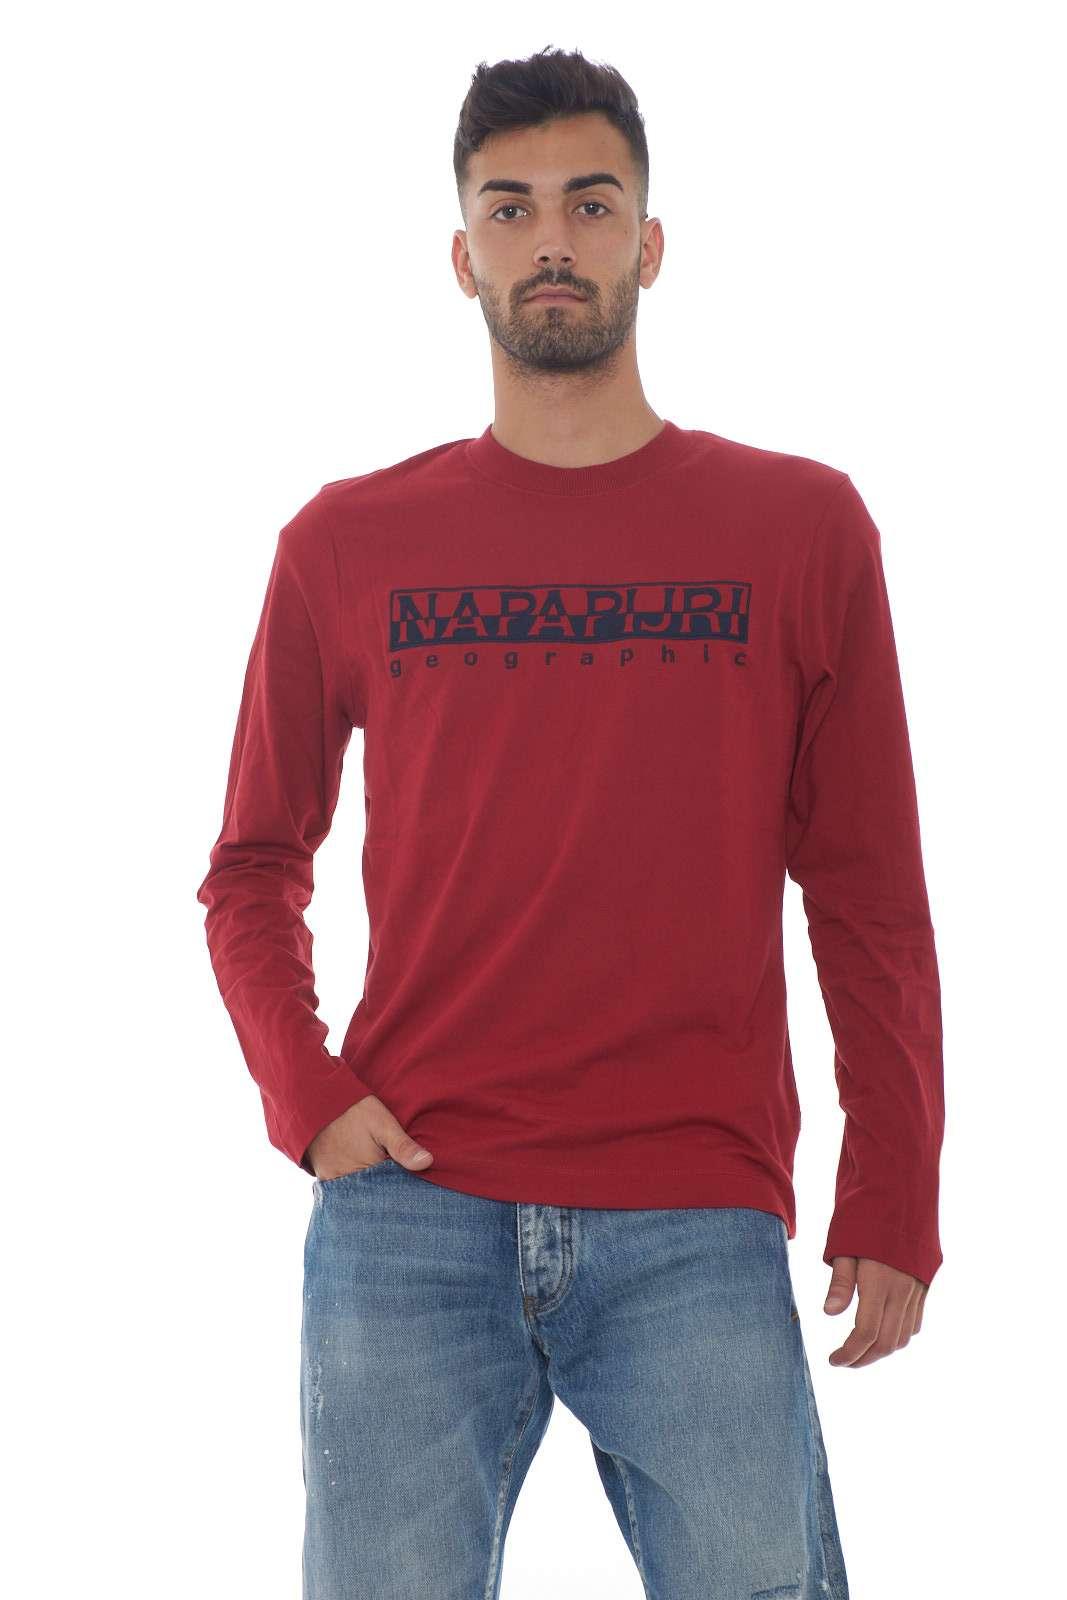 Scopri la nuova t shirt uomo SERBER LS a manica lunga firmata dalla collezione Napapijri. Da indossare sopra un lupetto grazie alla vestibilità finder, è un capo fashion e funzionale. Un capo in cotone perfetto per i look quotidiani. Il modello è alto 1.80m e indossa la taglia M.